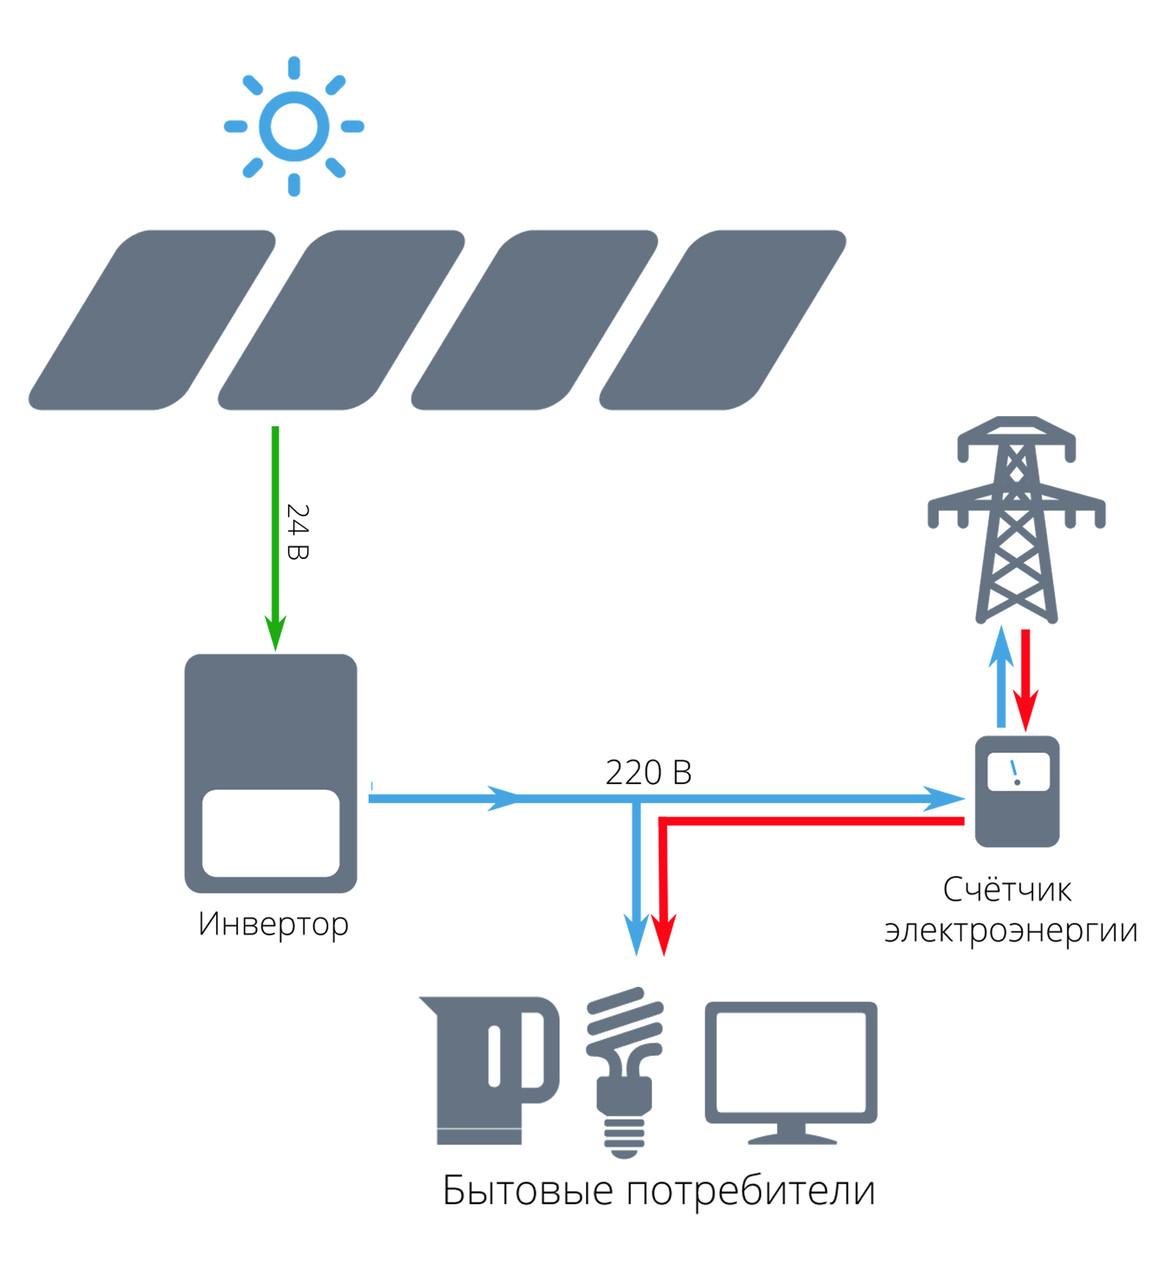 """Сетевая солнечная электростанция для дома 5 кВт под """"зеленый тариф"""" - STANDARD"""